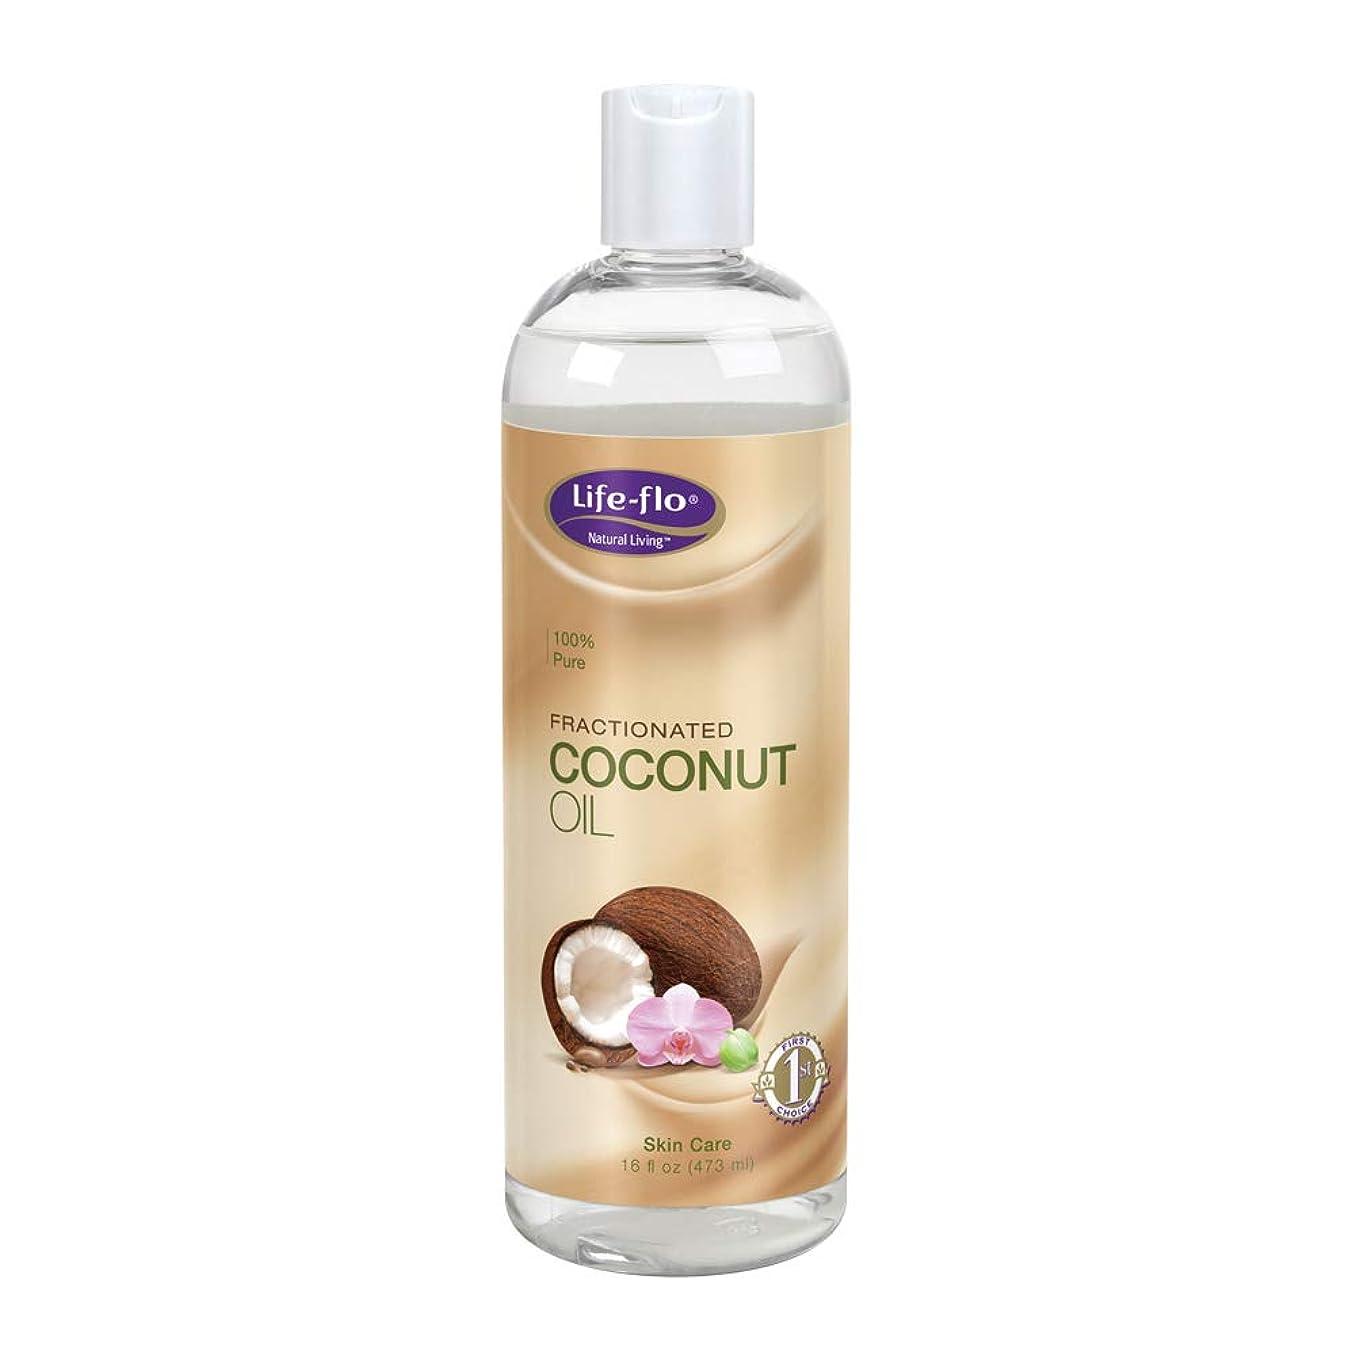 倒産明るくする愚かな海外直送品Fractionated Coconut Oil, 16 oz by Life-Flo